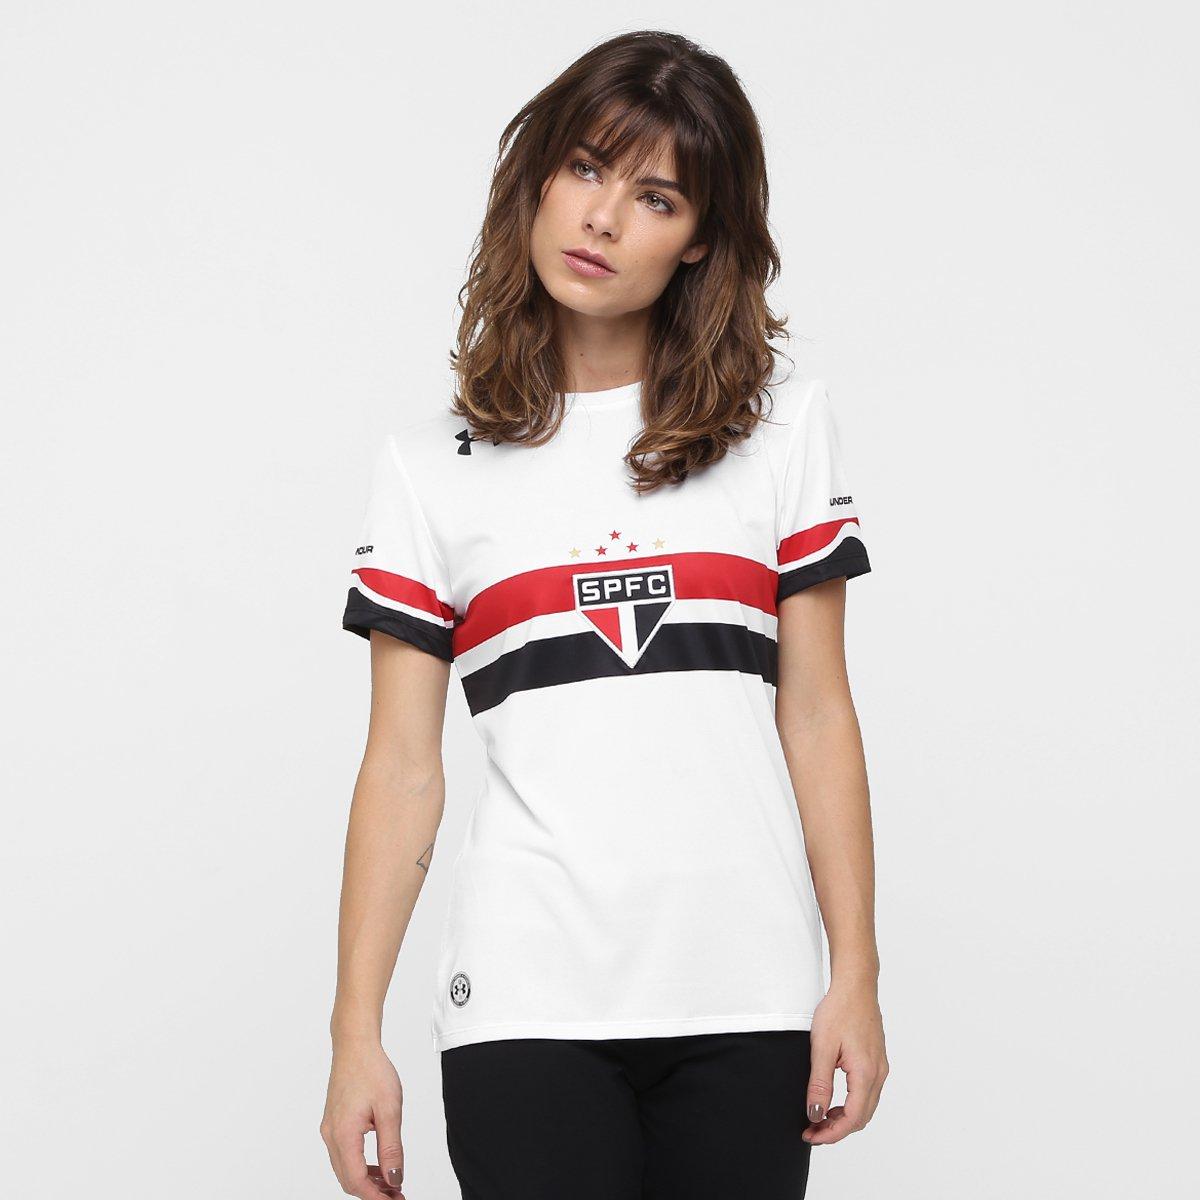 8c8a206fad Camisa São Paulo I 16 17 s nº - Torcedor Under Armour Feminina ...